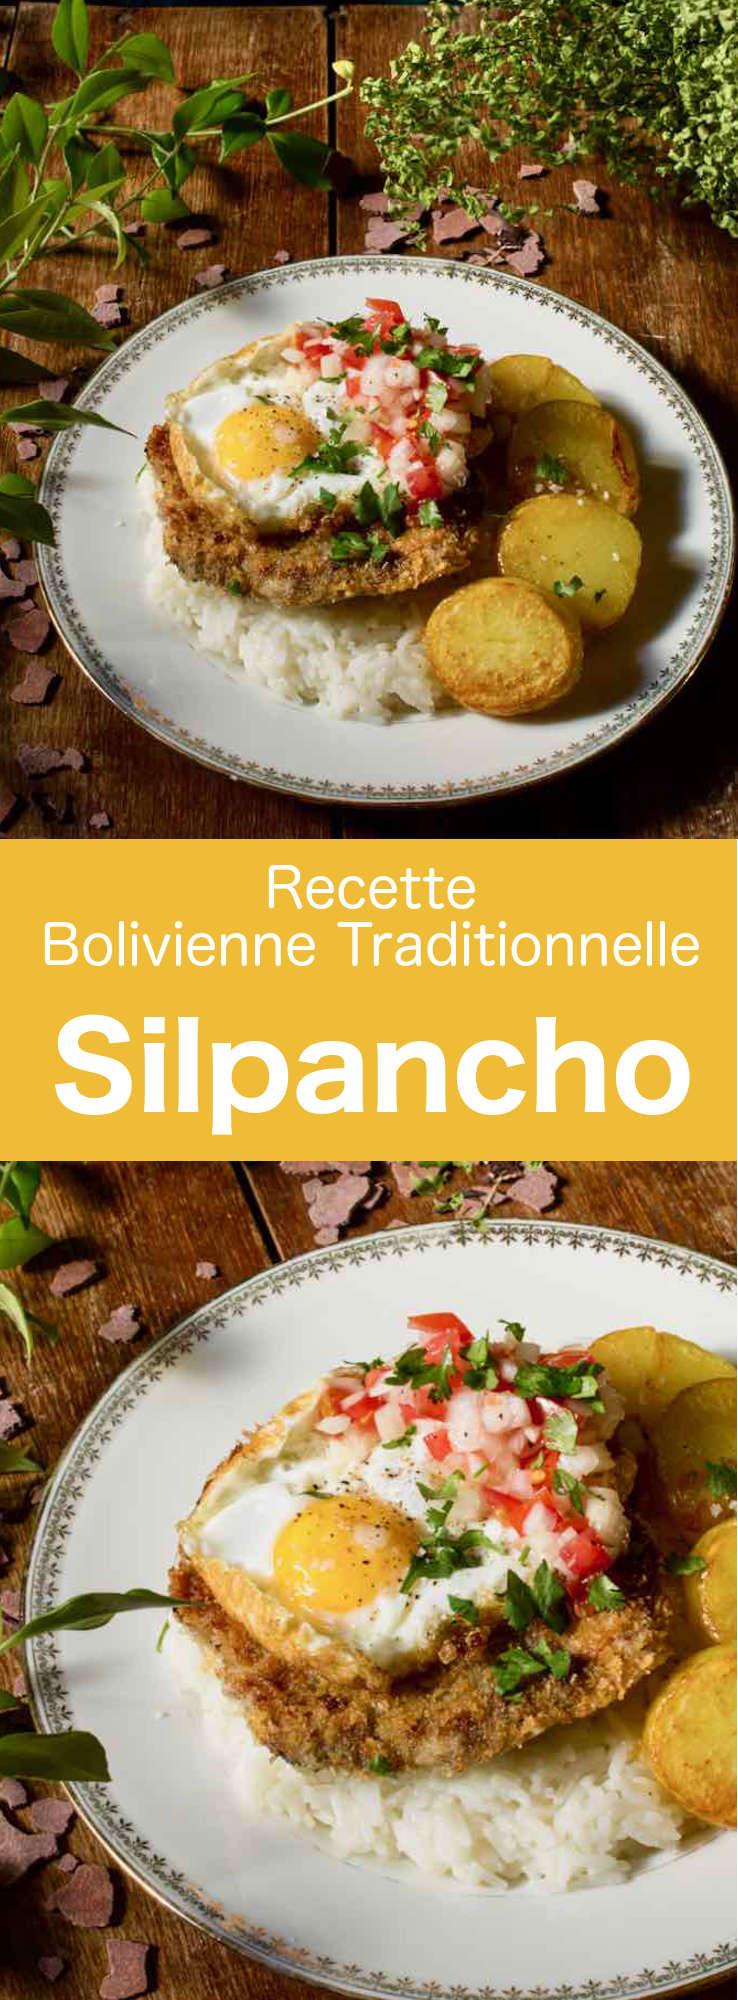 Le silpancho est un plat traditionnel de Cochabamba (Bolivie), composé de riz et de pommes de terre, recouverts d'un steak pané surmonté d'œufs au plat. #Bolivie #RecetteBolivienne #CuisineBolivienne #CuisineDuMonde #196flavors